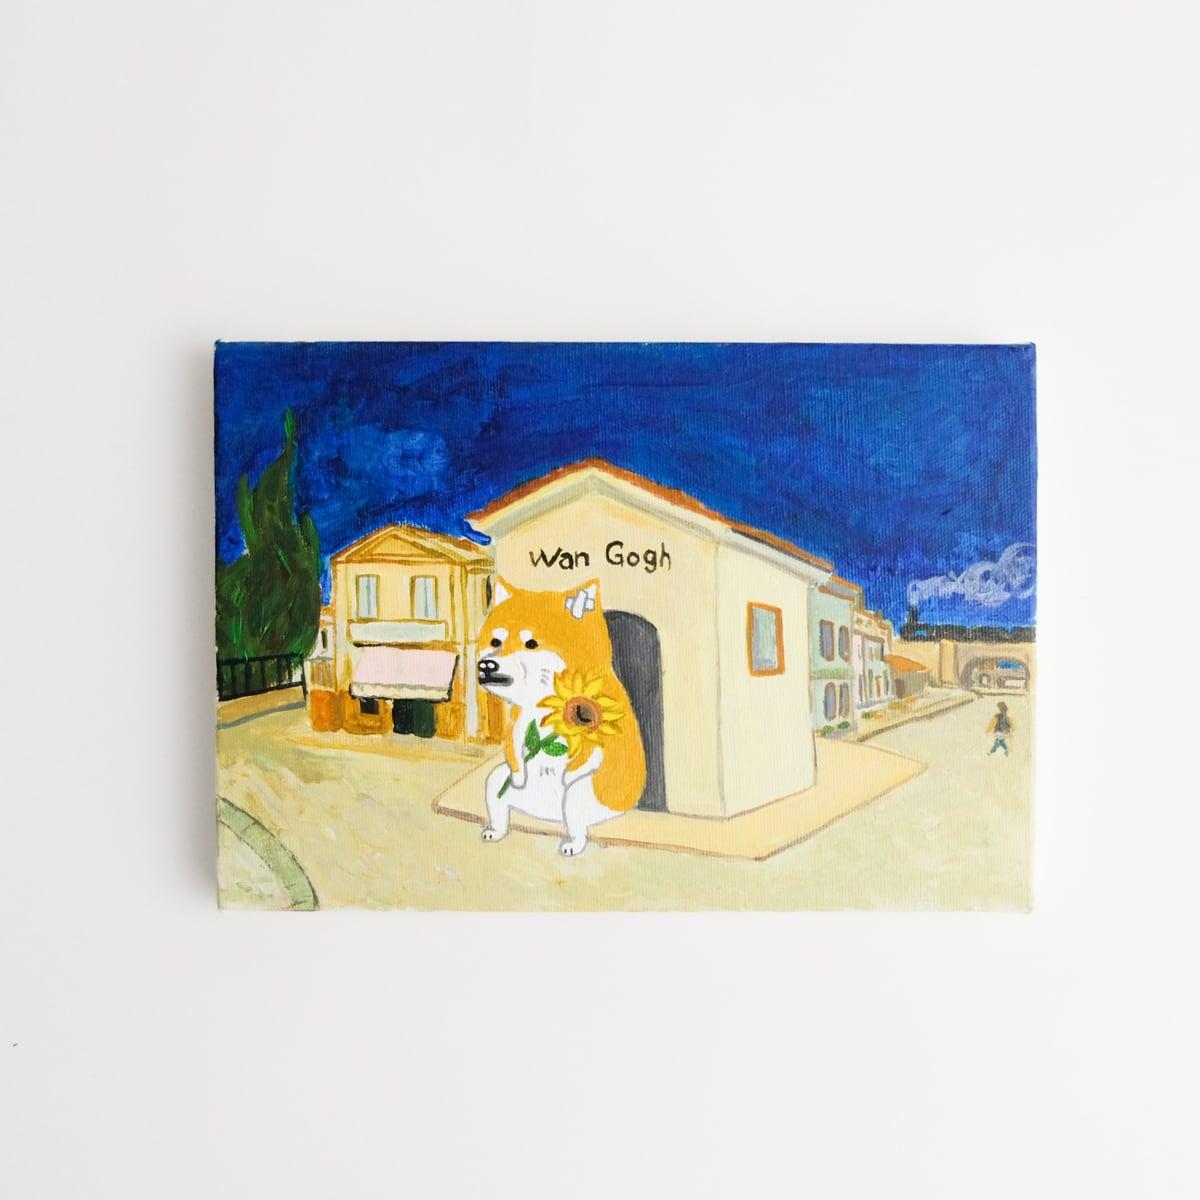 千葉純一 原画 ワン・ゴッホの黄色い家